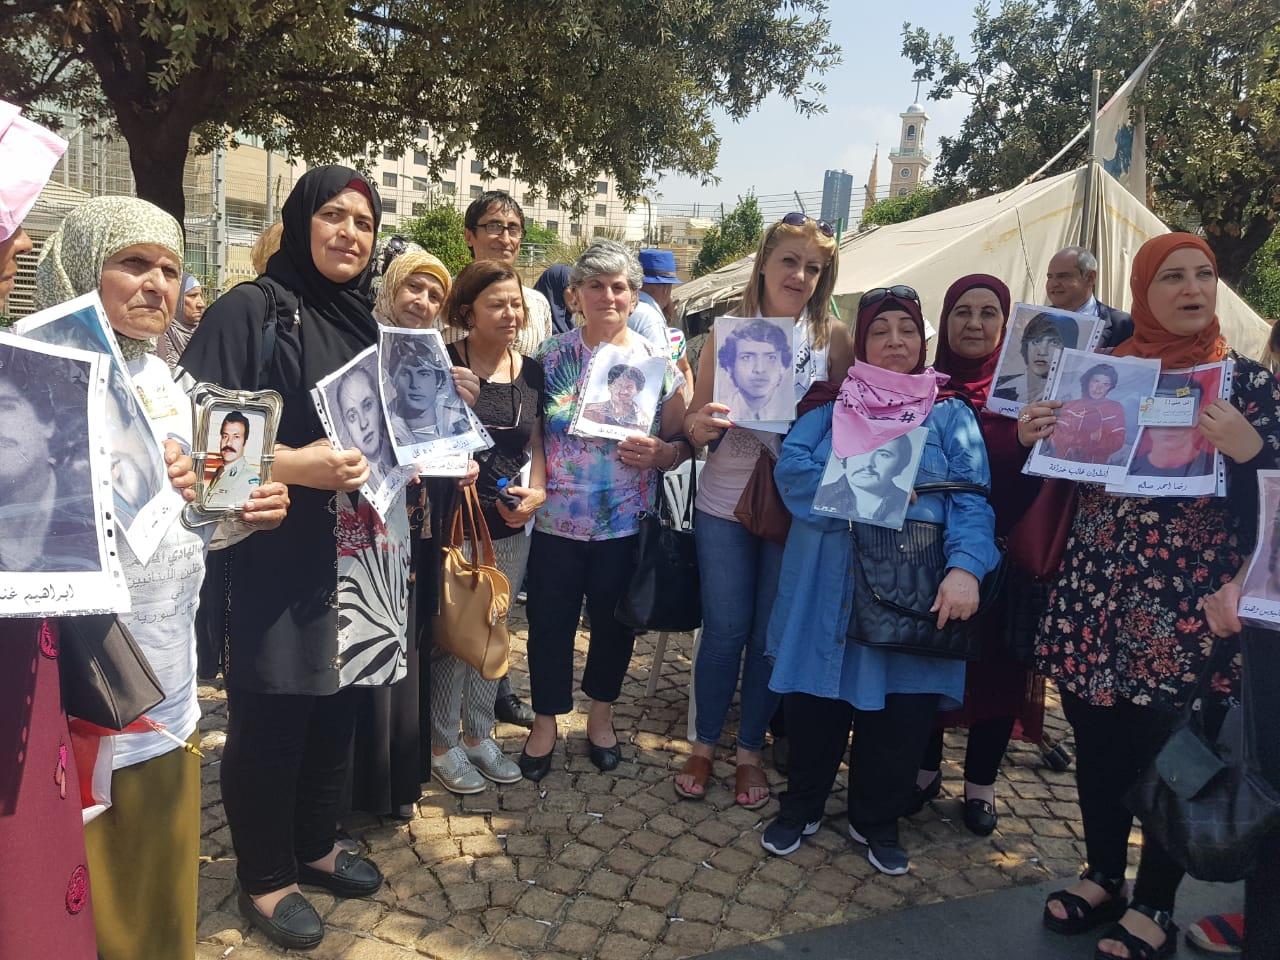 لجنة أهالي المفقودين أحيت يومهم العالمي: لازم يخلص الحكي ويبلش الشغل